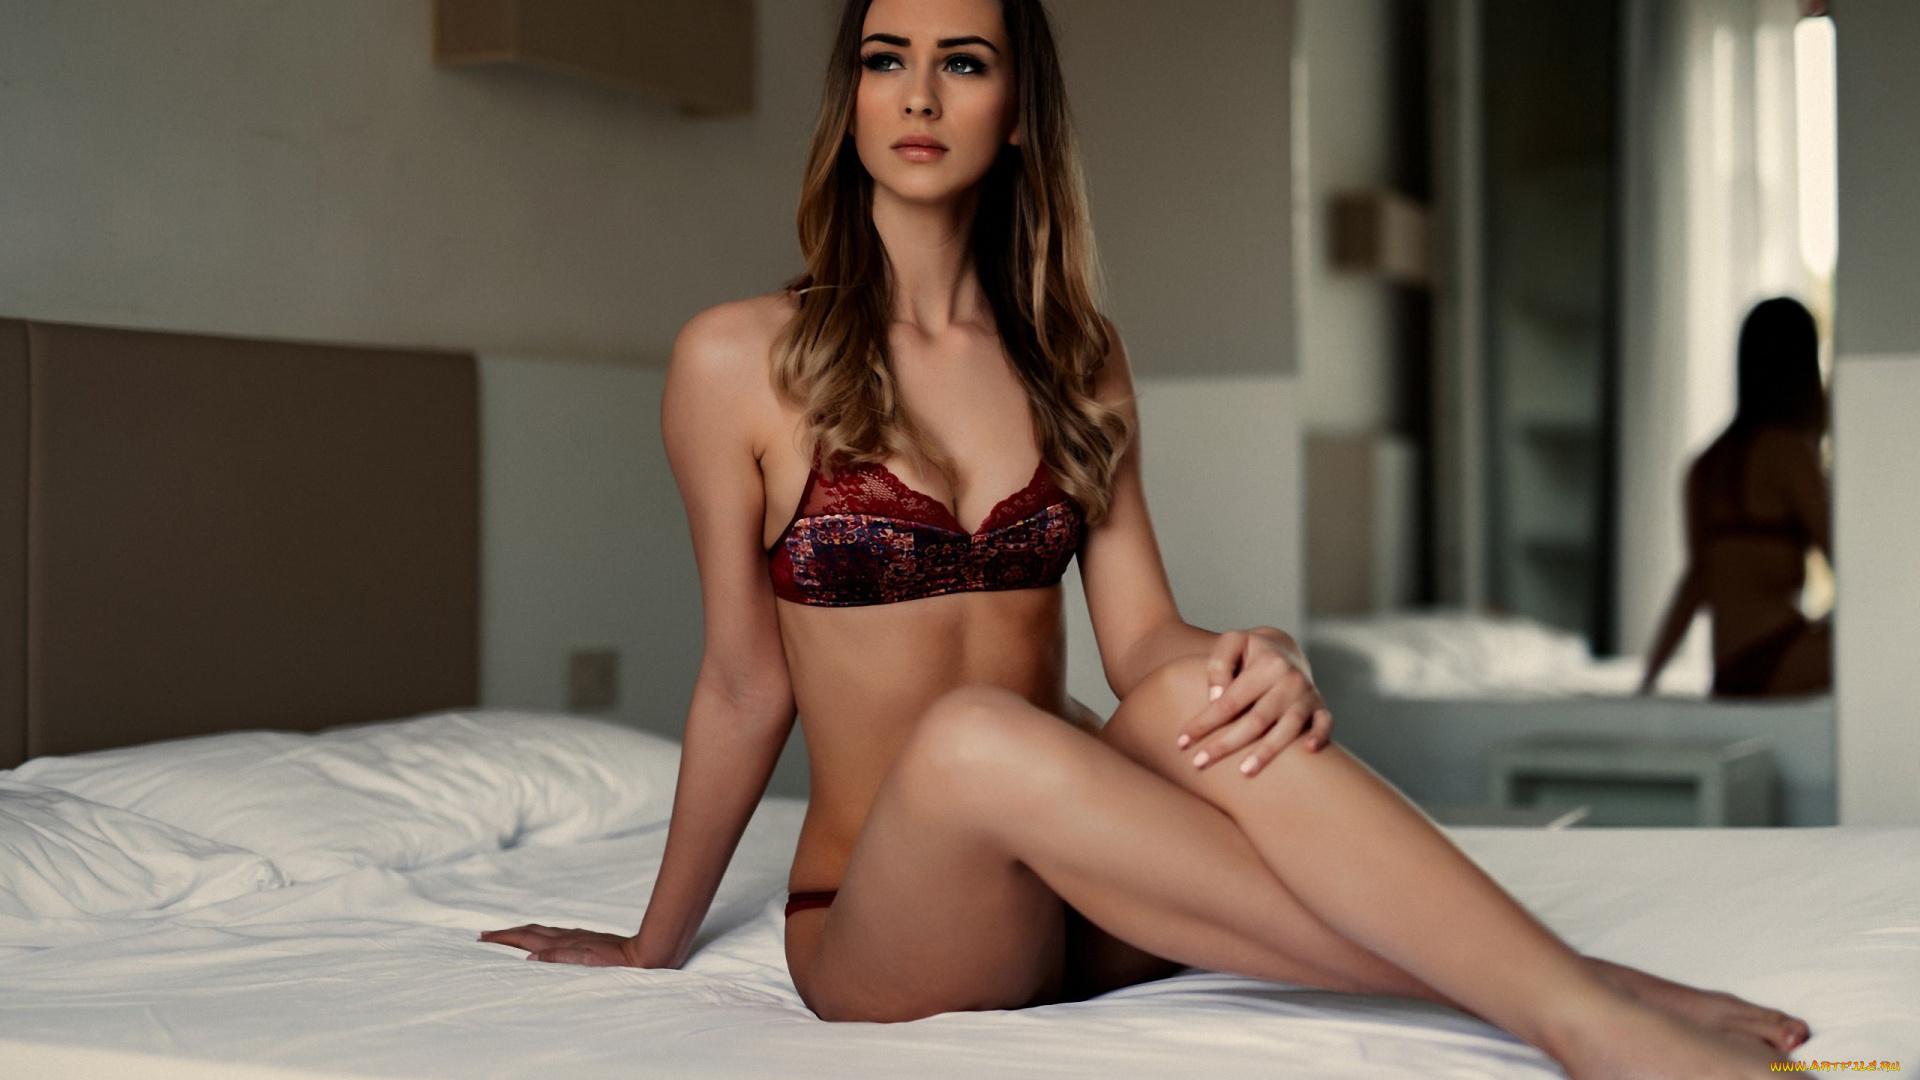 красивые девушки фото в нижнем шатенки мастурбация взрослых